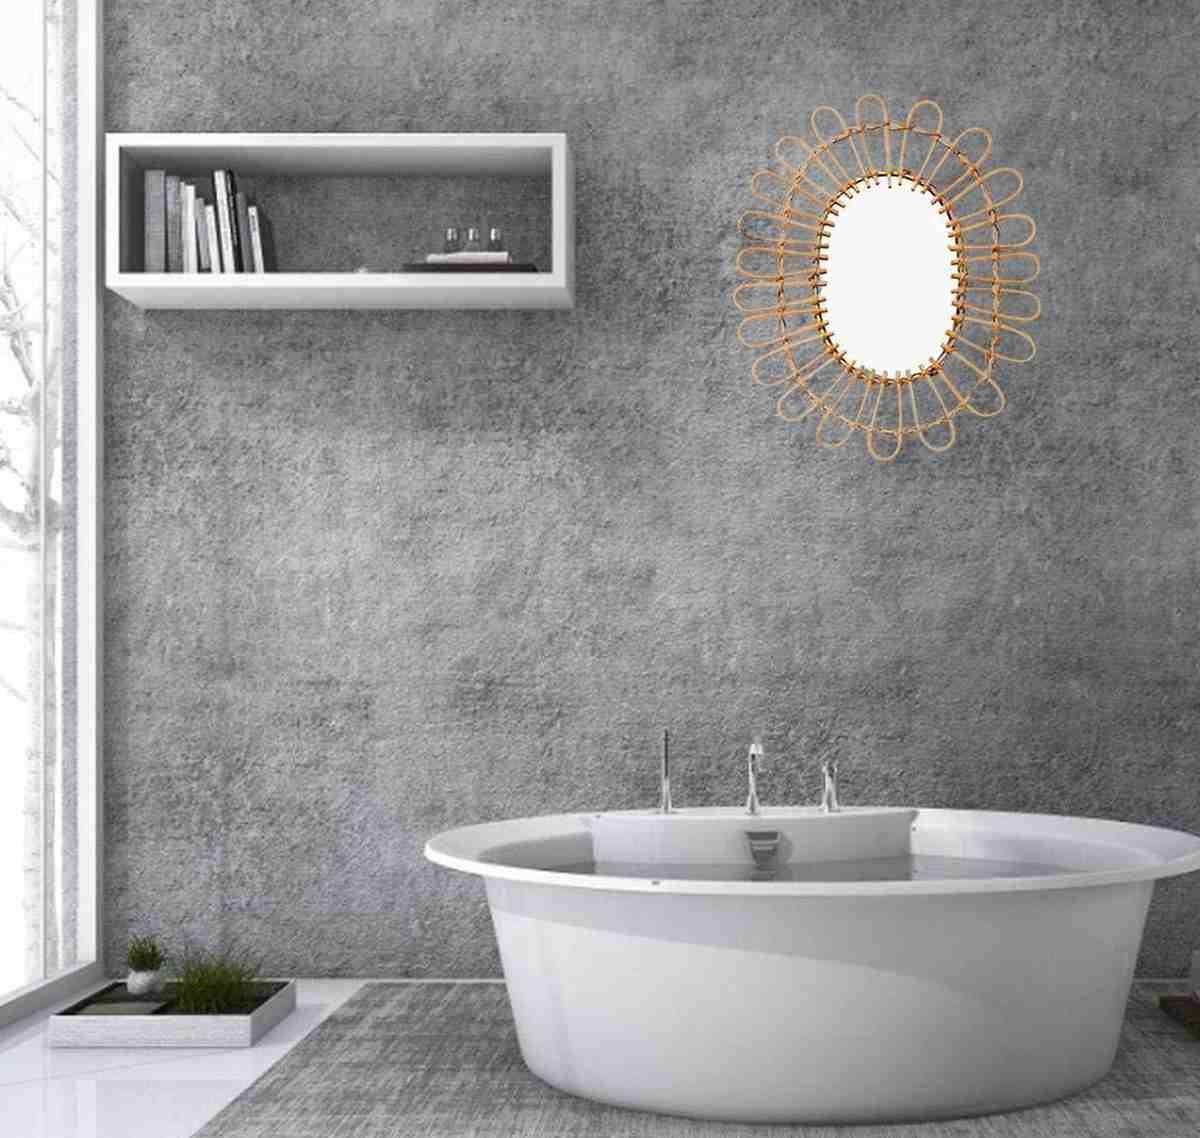 specchio-di-design-rattan-forma-ovale-per-bagno